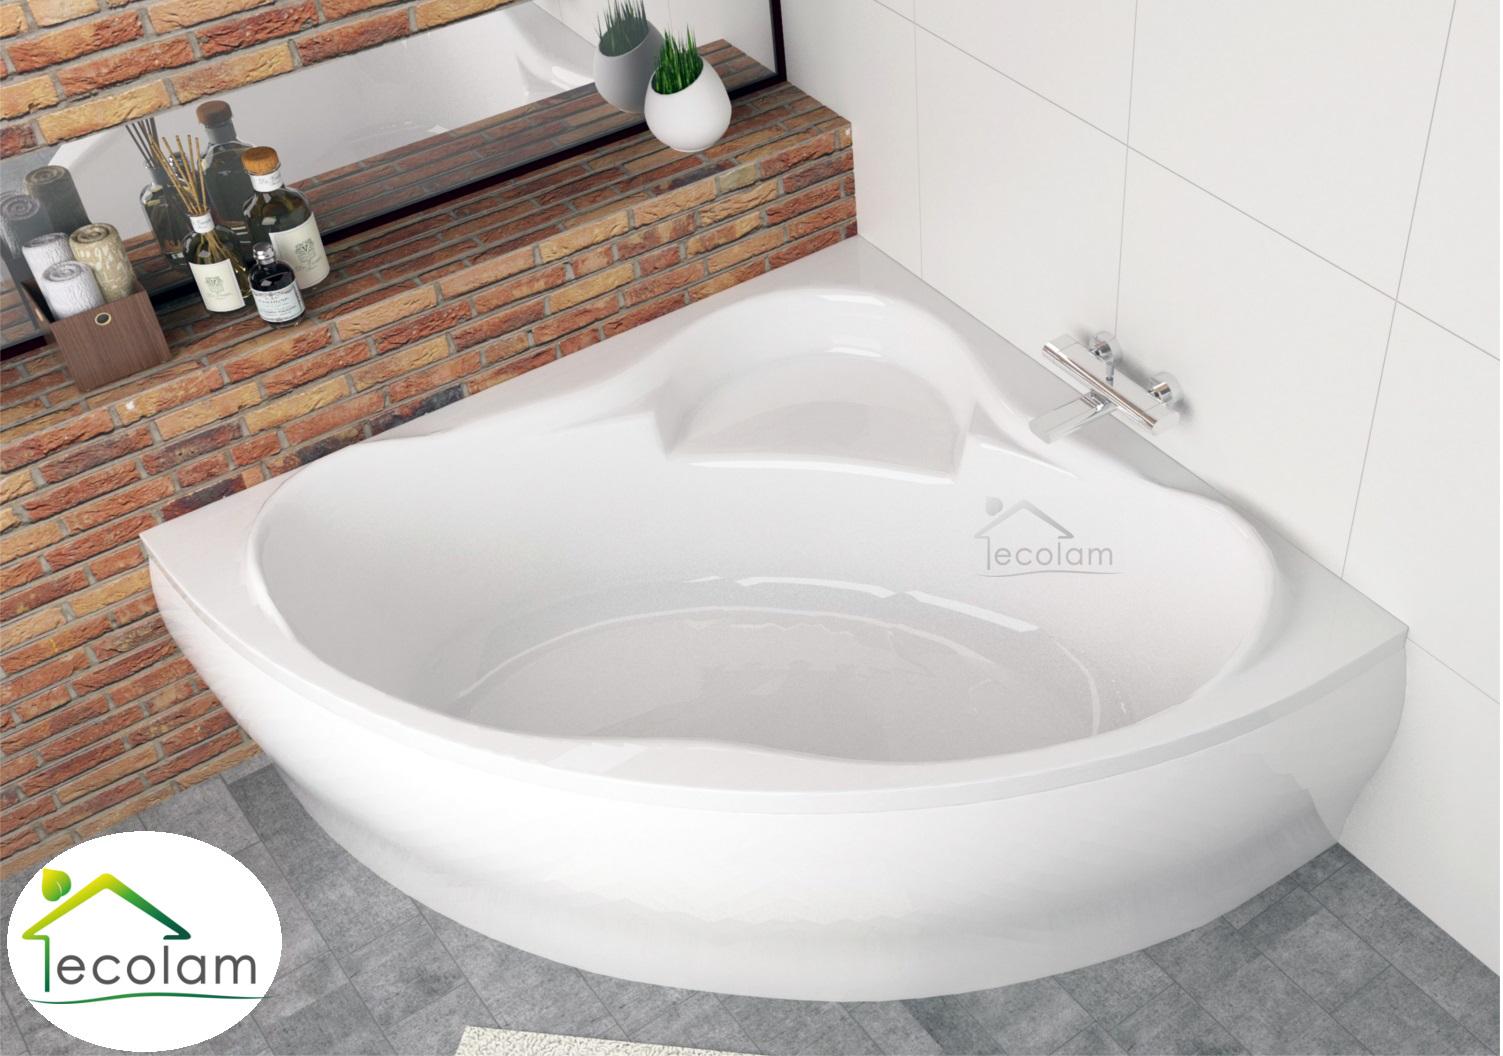 badewanne wanne eckbadewanne symmetrisch acryl 150 x 150 sch rze ab berlauf ebay. Black Bedroom Furniture Sets. Home Design Ideas